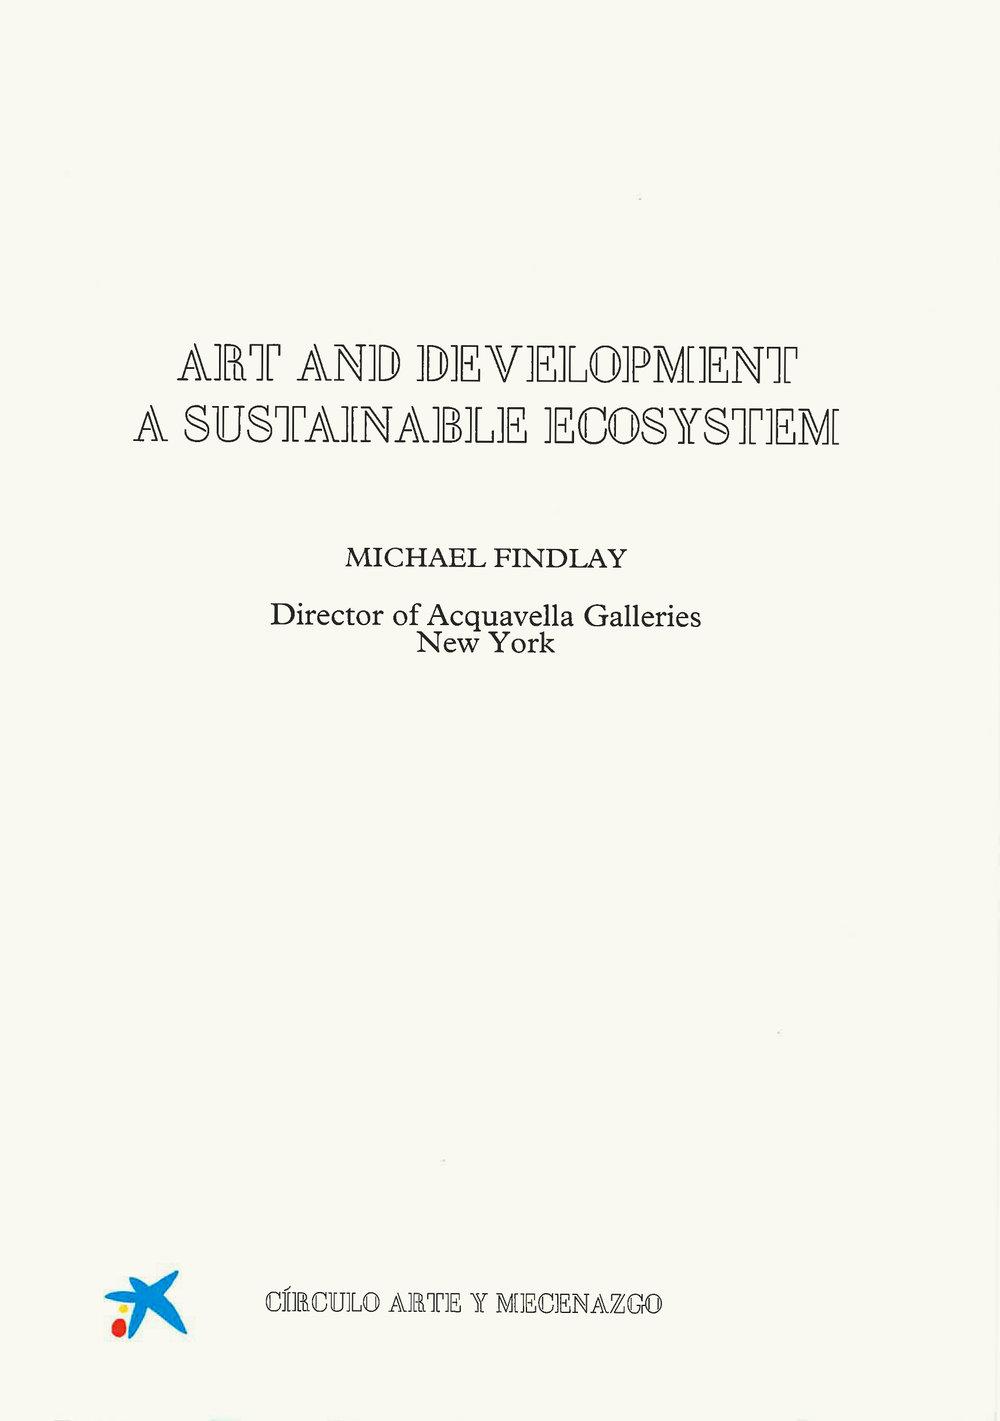 Findlay, Michael. (2016) 'Art and Development: A Sustainable Ecosystem', Fundación Arte y Mecenazgo, Barcelona: Fundación Arte y Mecenazgo, p. 1-26.